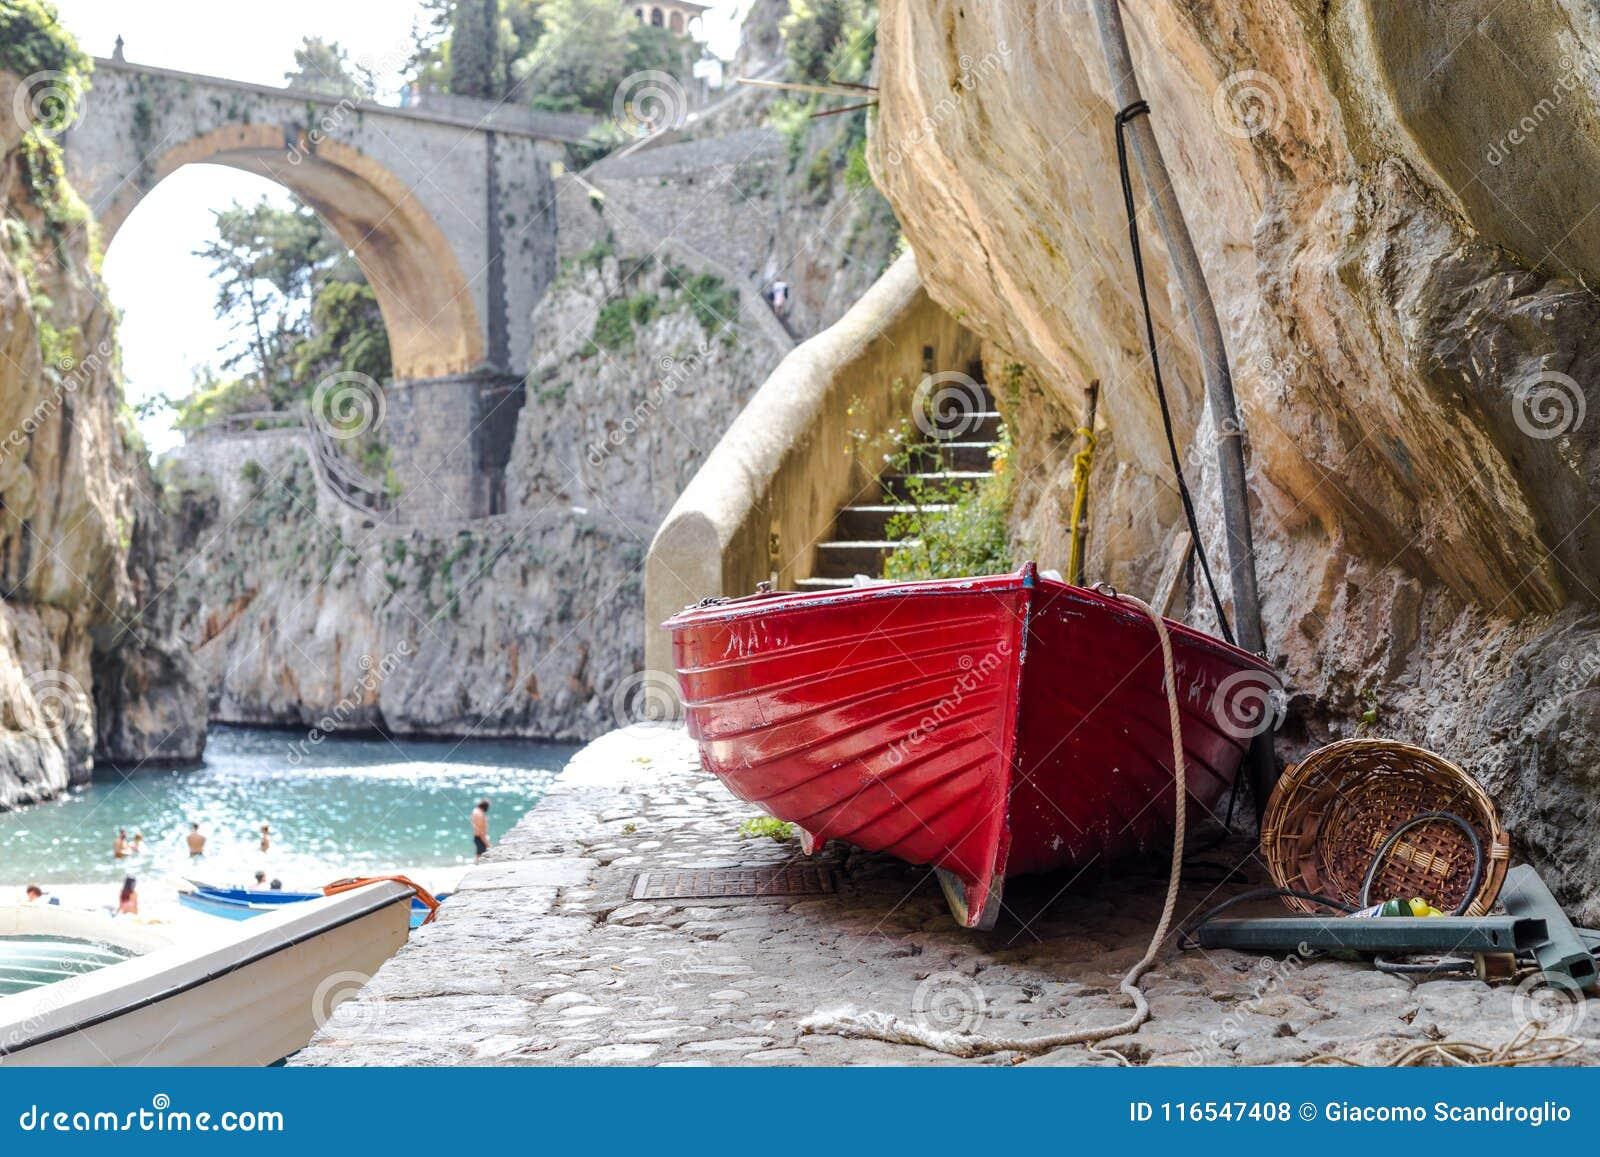 Fiordo di Furore海滩 狂怒海湾阿马尔菲海岸波西塔诺那不勒斯意大利